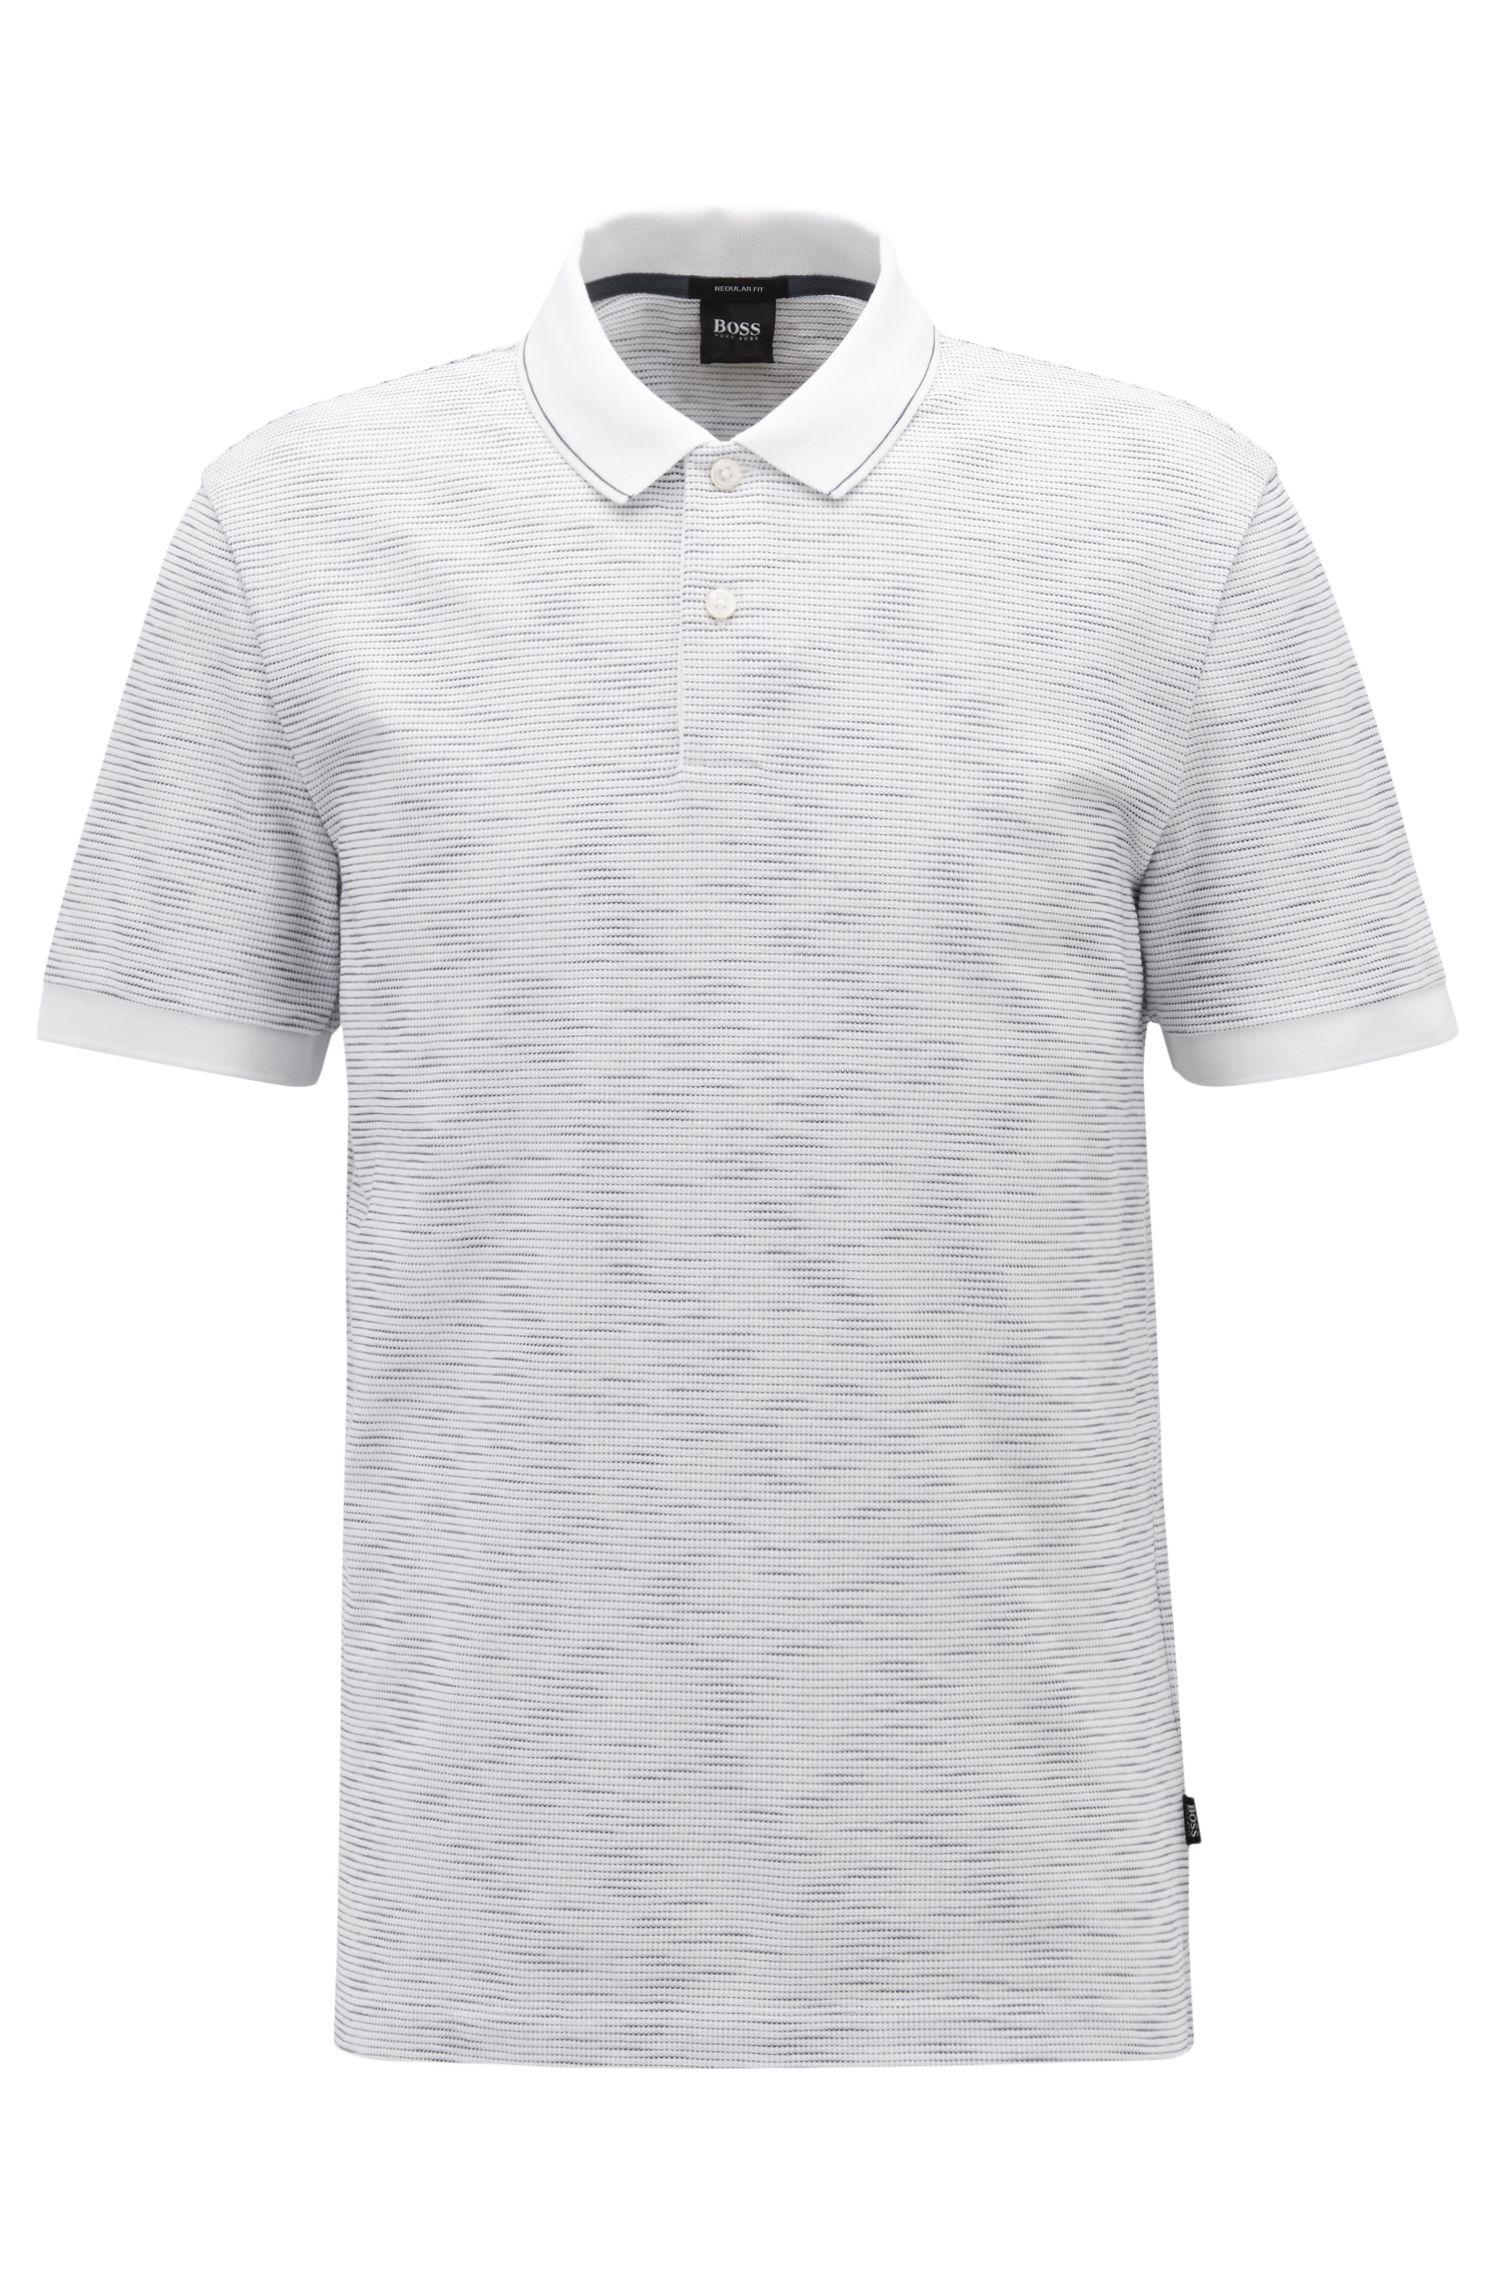 Poloshirt mit Space-Dye-Effekt, Weiß